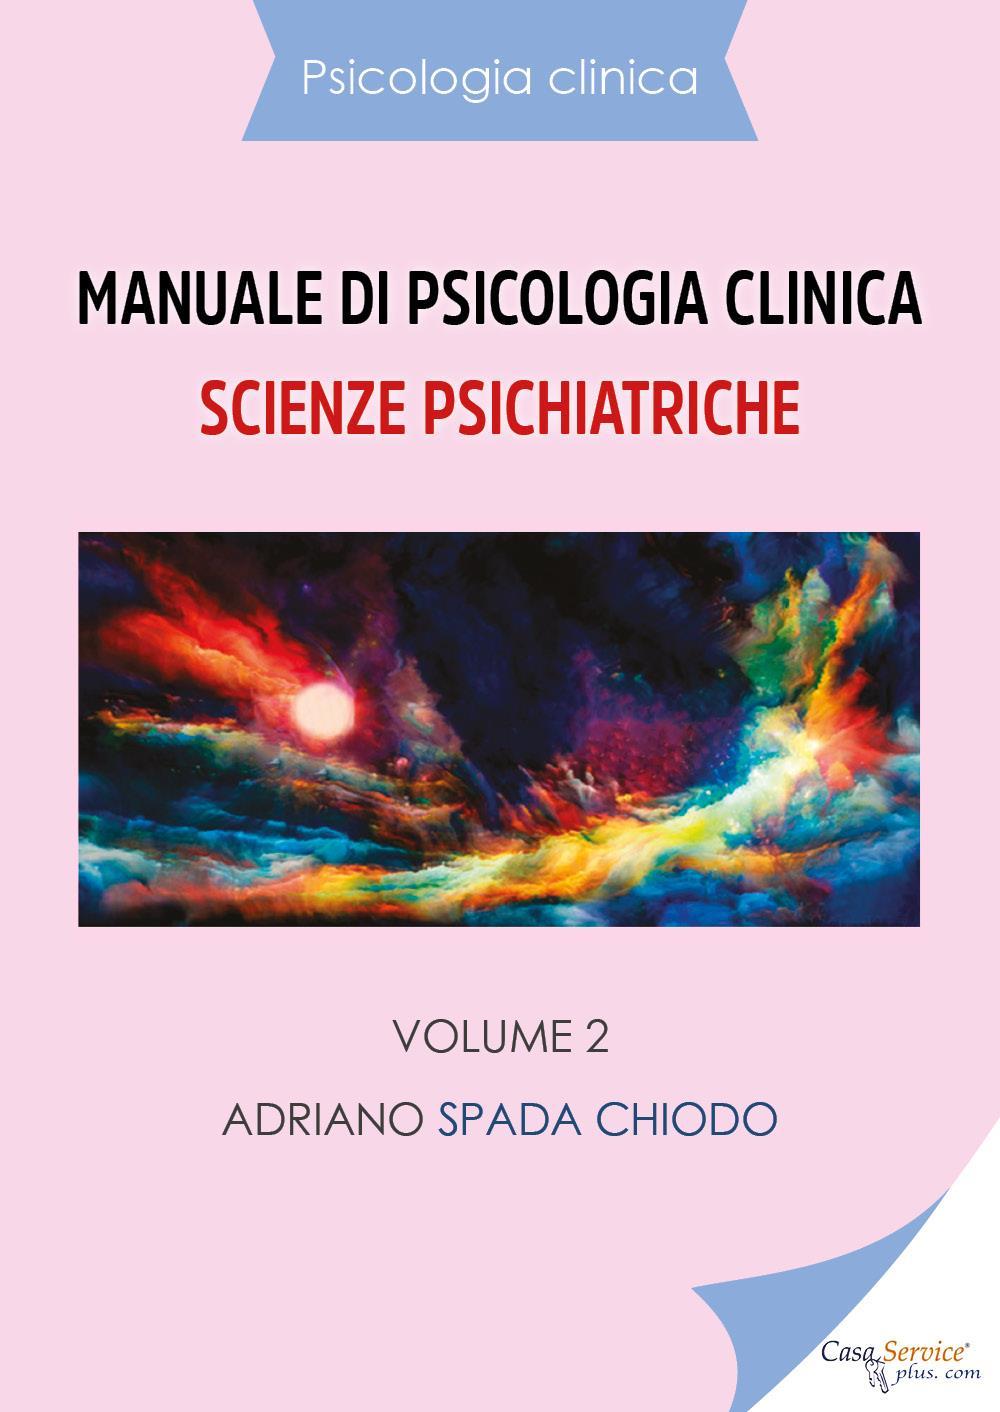 Psicologia clinica - Manuale di psicologia clinica - Scienze psichiatriche - Vol. 2